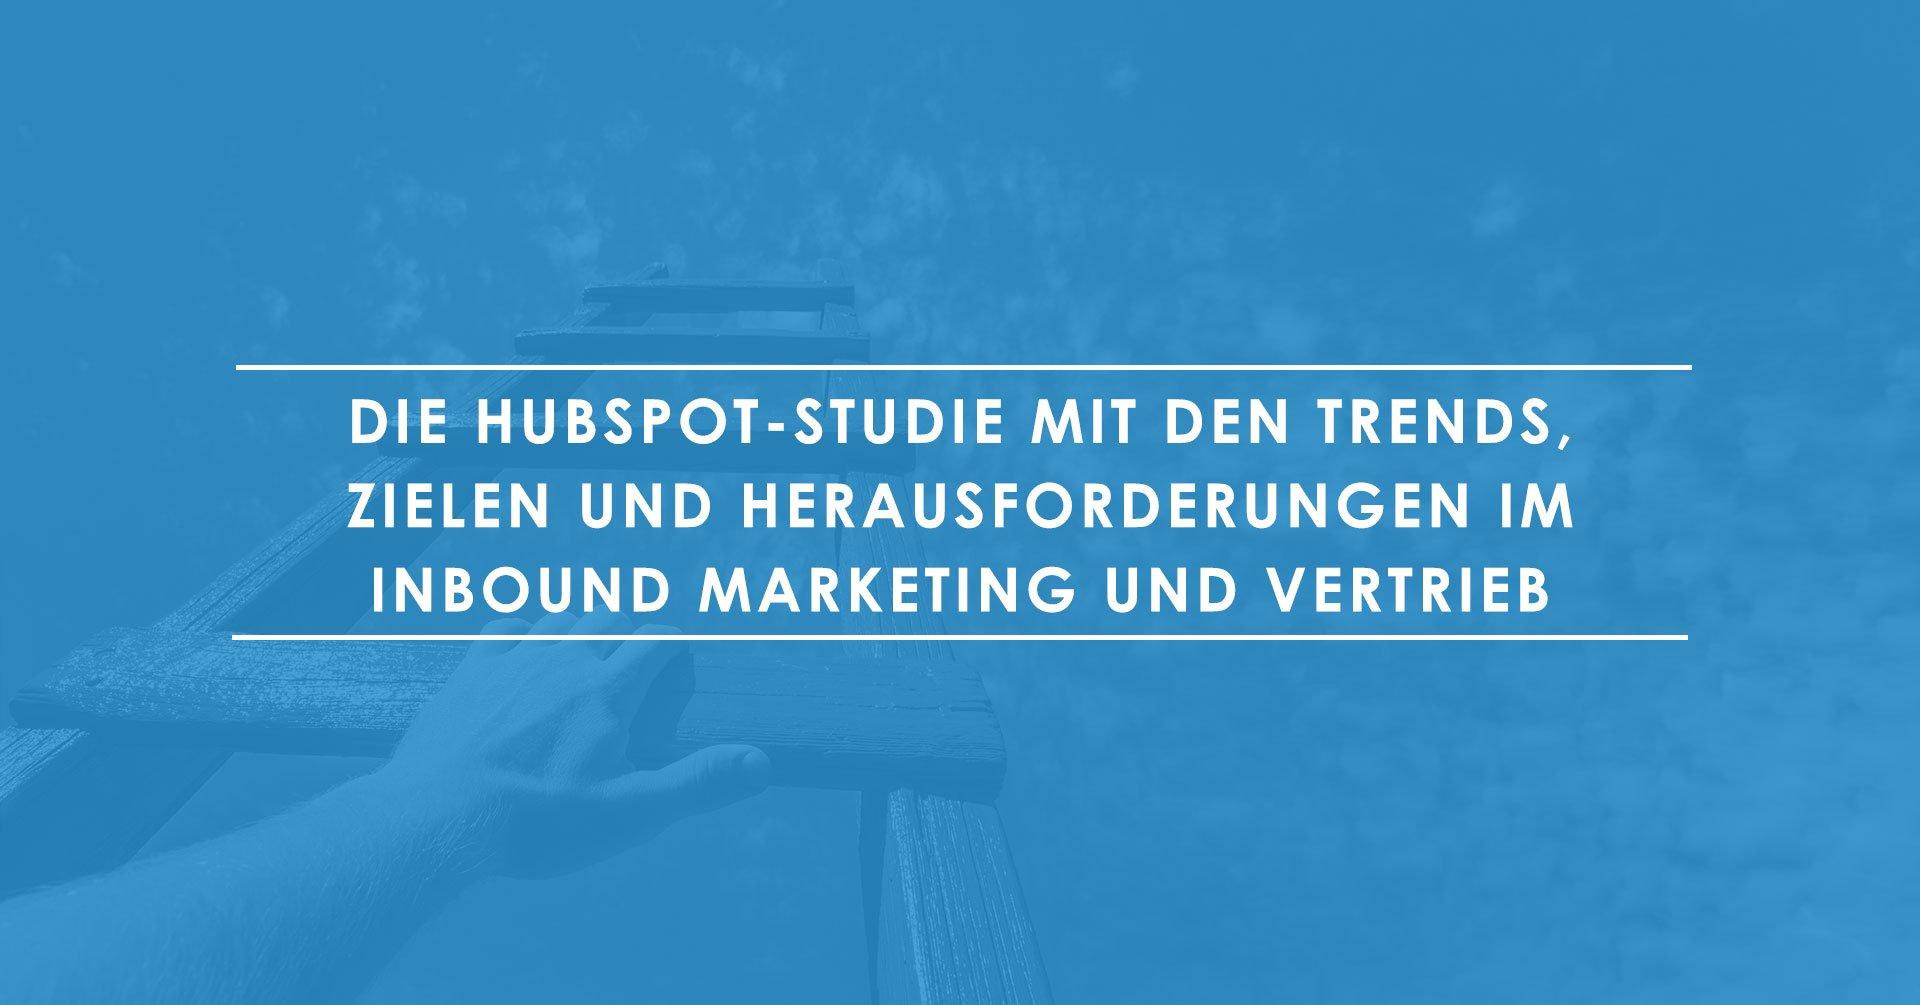 Inbound-Marketing-und-Vertrieb---Trends,-Ziele-und-Herausforderungen